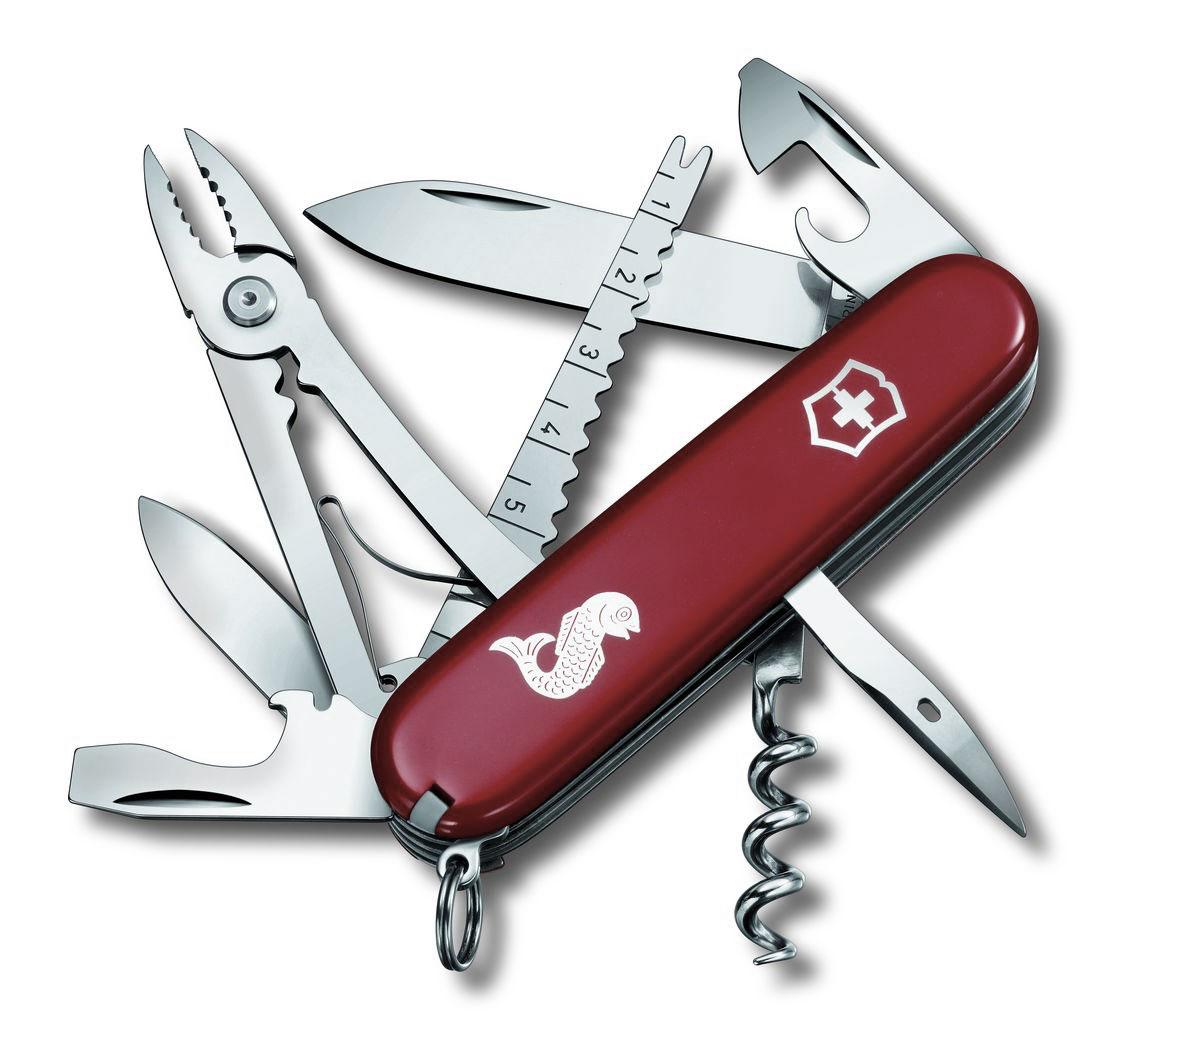 Нож перочинный Victorinox Angler, цвет: красный, 19 функций, 9,1 см1.3653.72Лезвие перочинного складного ножа Victorinox Angler изготовлено из высококачественной нержавеющей стали. Ручка, выполненная из прочного пластика, обеспечивает надежный и удобный хват. Хорошее качество, надежный долговечный материал и эргономичная рукоятка - что может быть удобнее на природе или на пикнике! Функции ножа: Большое лезвие. Малое лезвие. Штопор. Консервный нож с малой отверткой. Открывалка для бутылок с отверткой. Инструмент для снятия изоляции. Шило, кернер. Кольцо для ключей. Пинцет. Зубочистка. Инструмент для чистки рыбы с инструментом для извлечения рыболовного крючка. Линейка (сантиметры и дюймы). Плоскогубцы с кусачками для проводов и инструментом для обжима проводов. Длина ножа в сложенном виде: 9,1 см. Длина ножа в разложенном виде: 16 см. Длина большого лезвия: 7 см. Длина малого лезвия: 4 см.